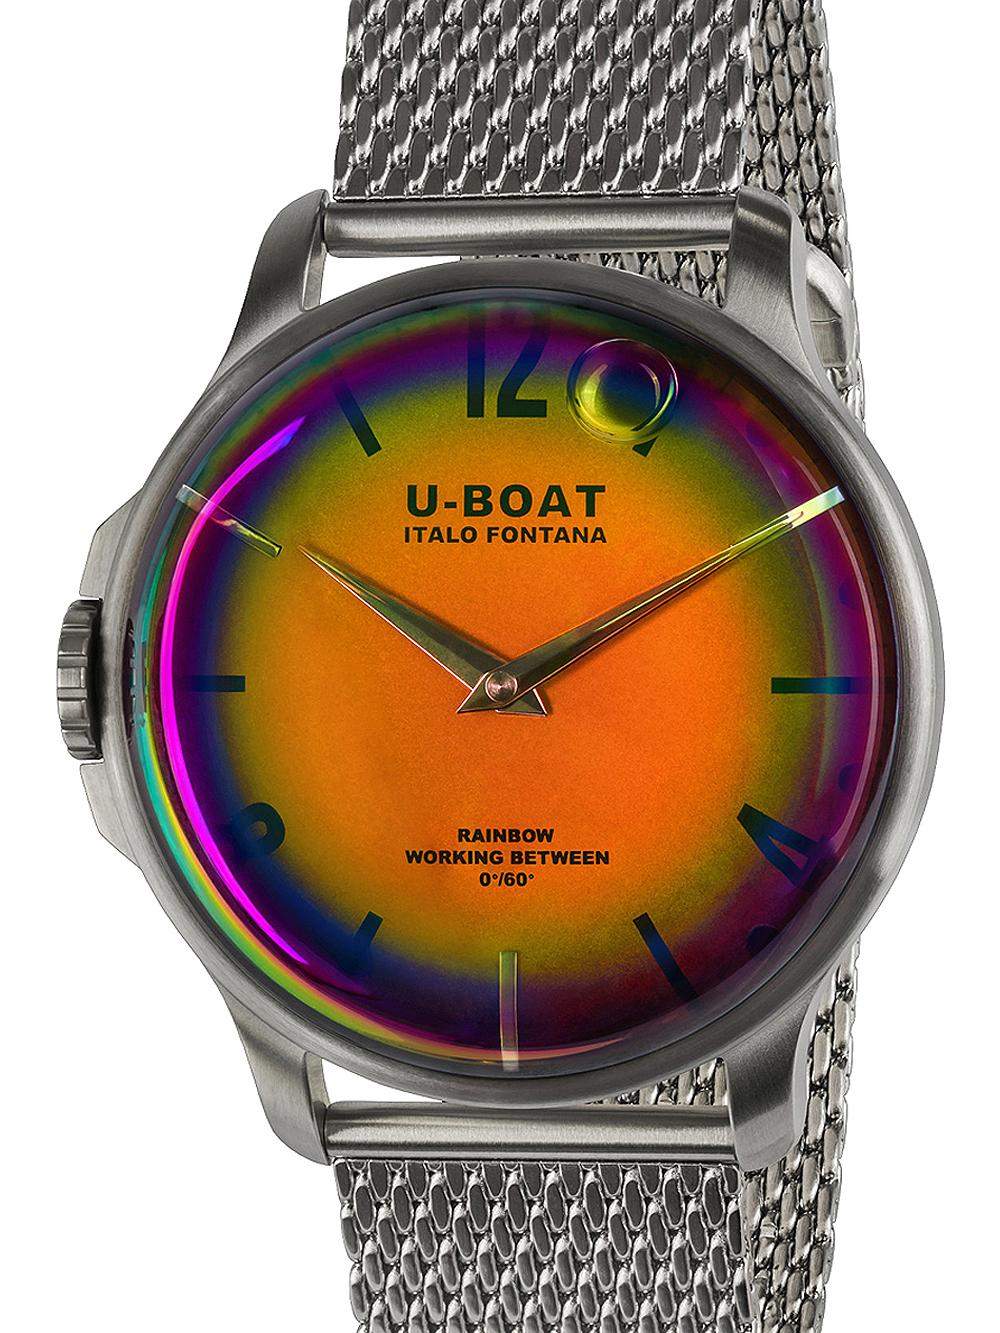 U-Boat 8469/MT Rainbow SS Herren 44mm 5ATM